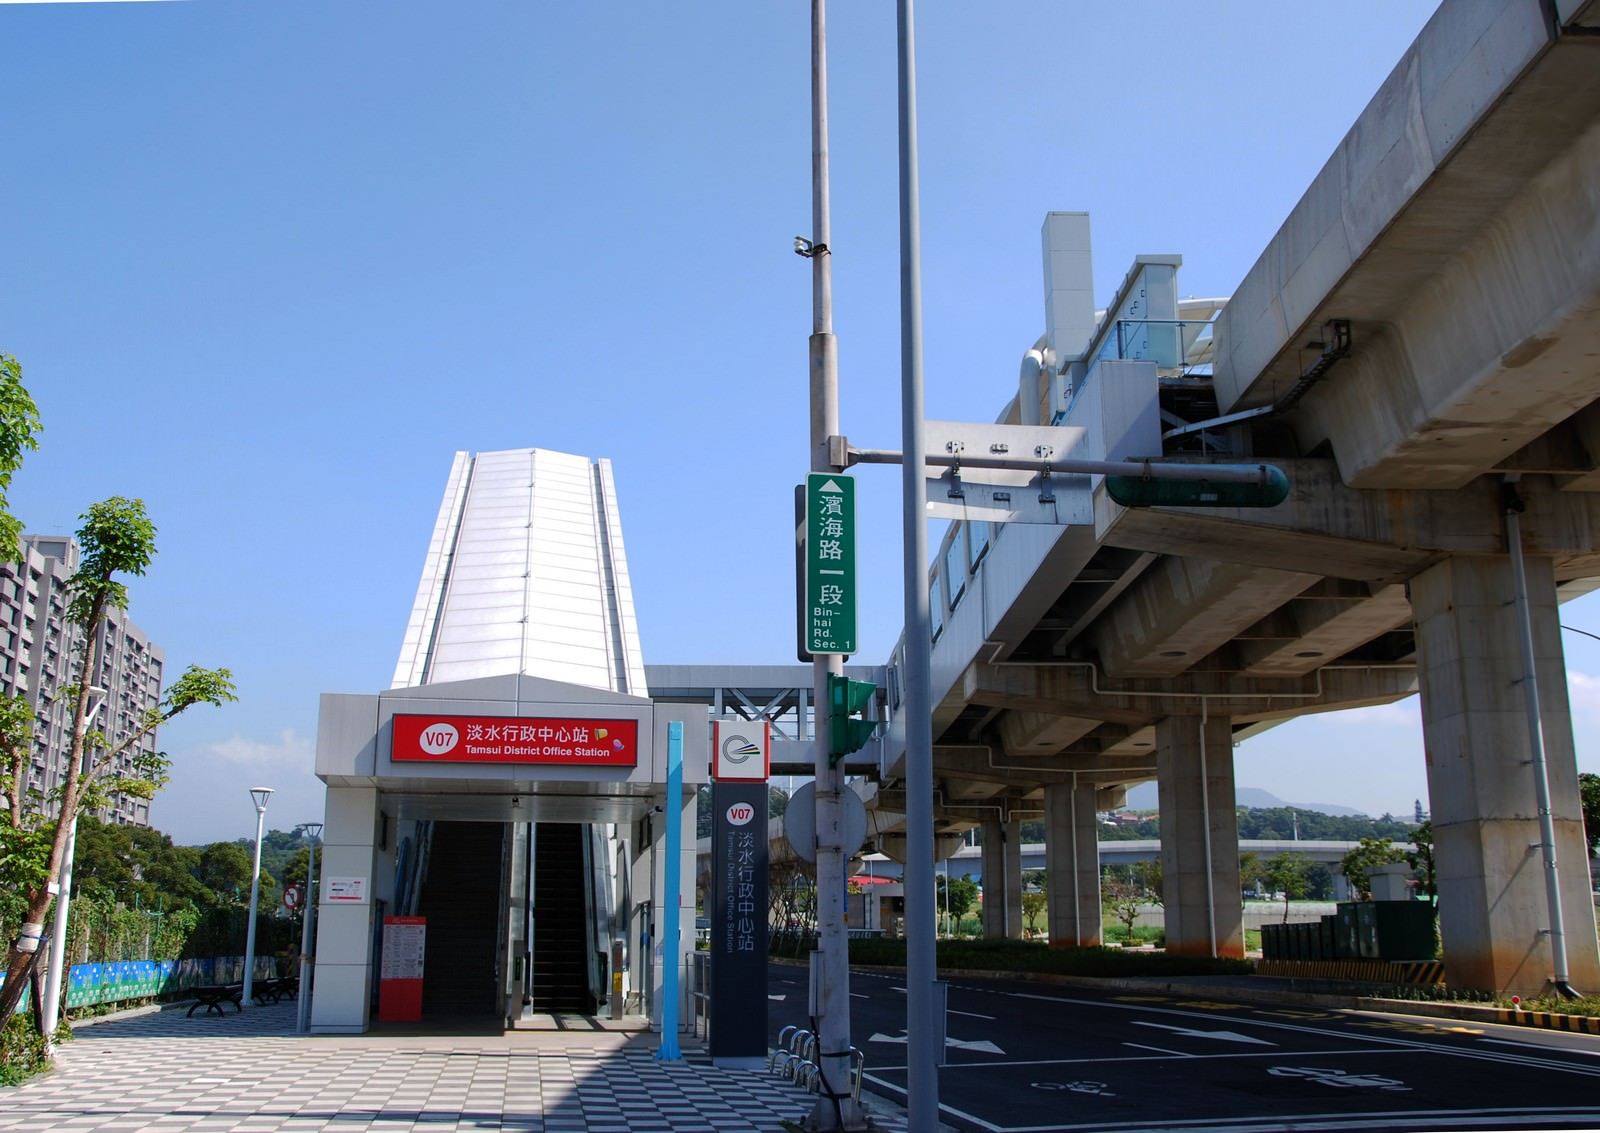 淡海輕軌綠山線, 輕軌淡水行政中心站, 車站建築主體